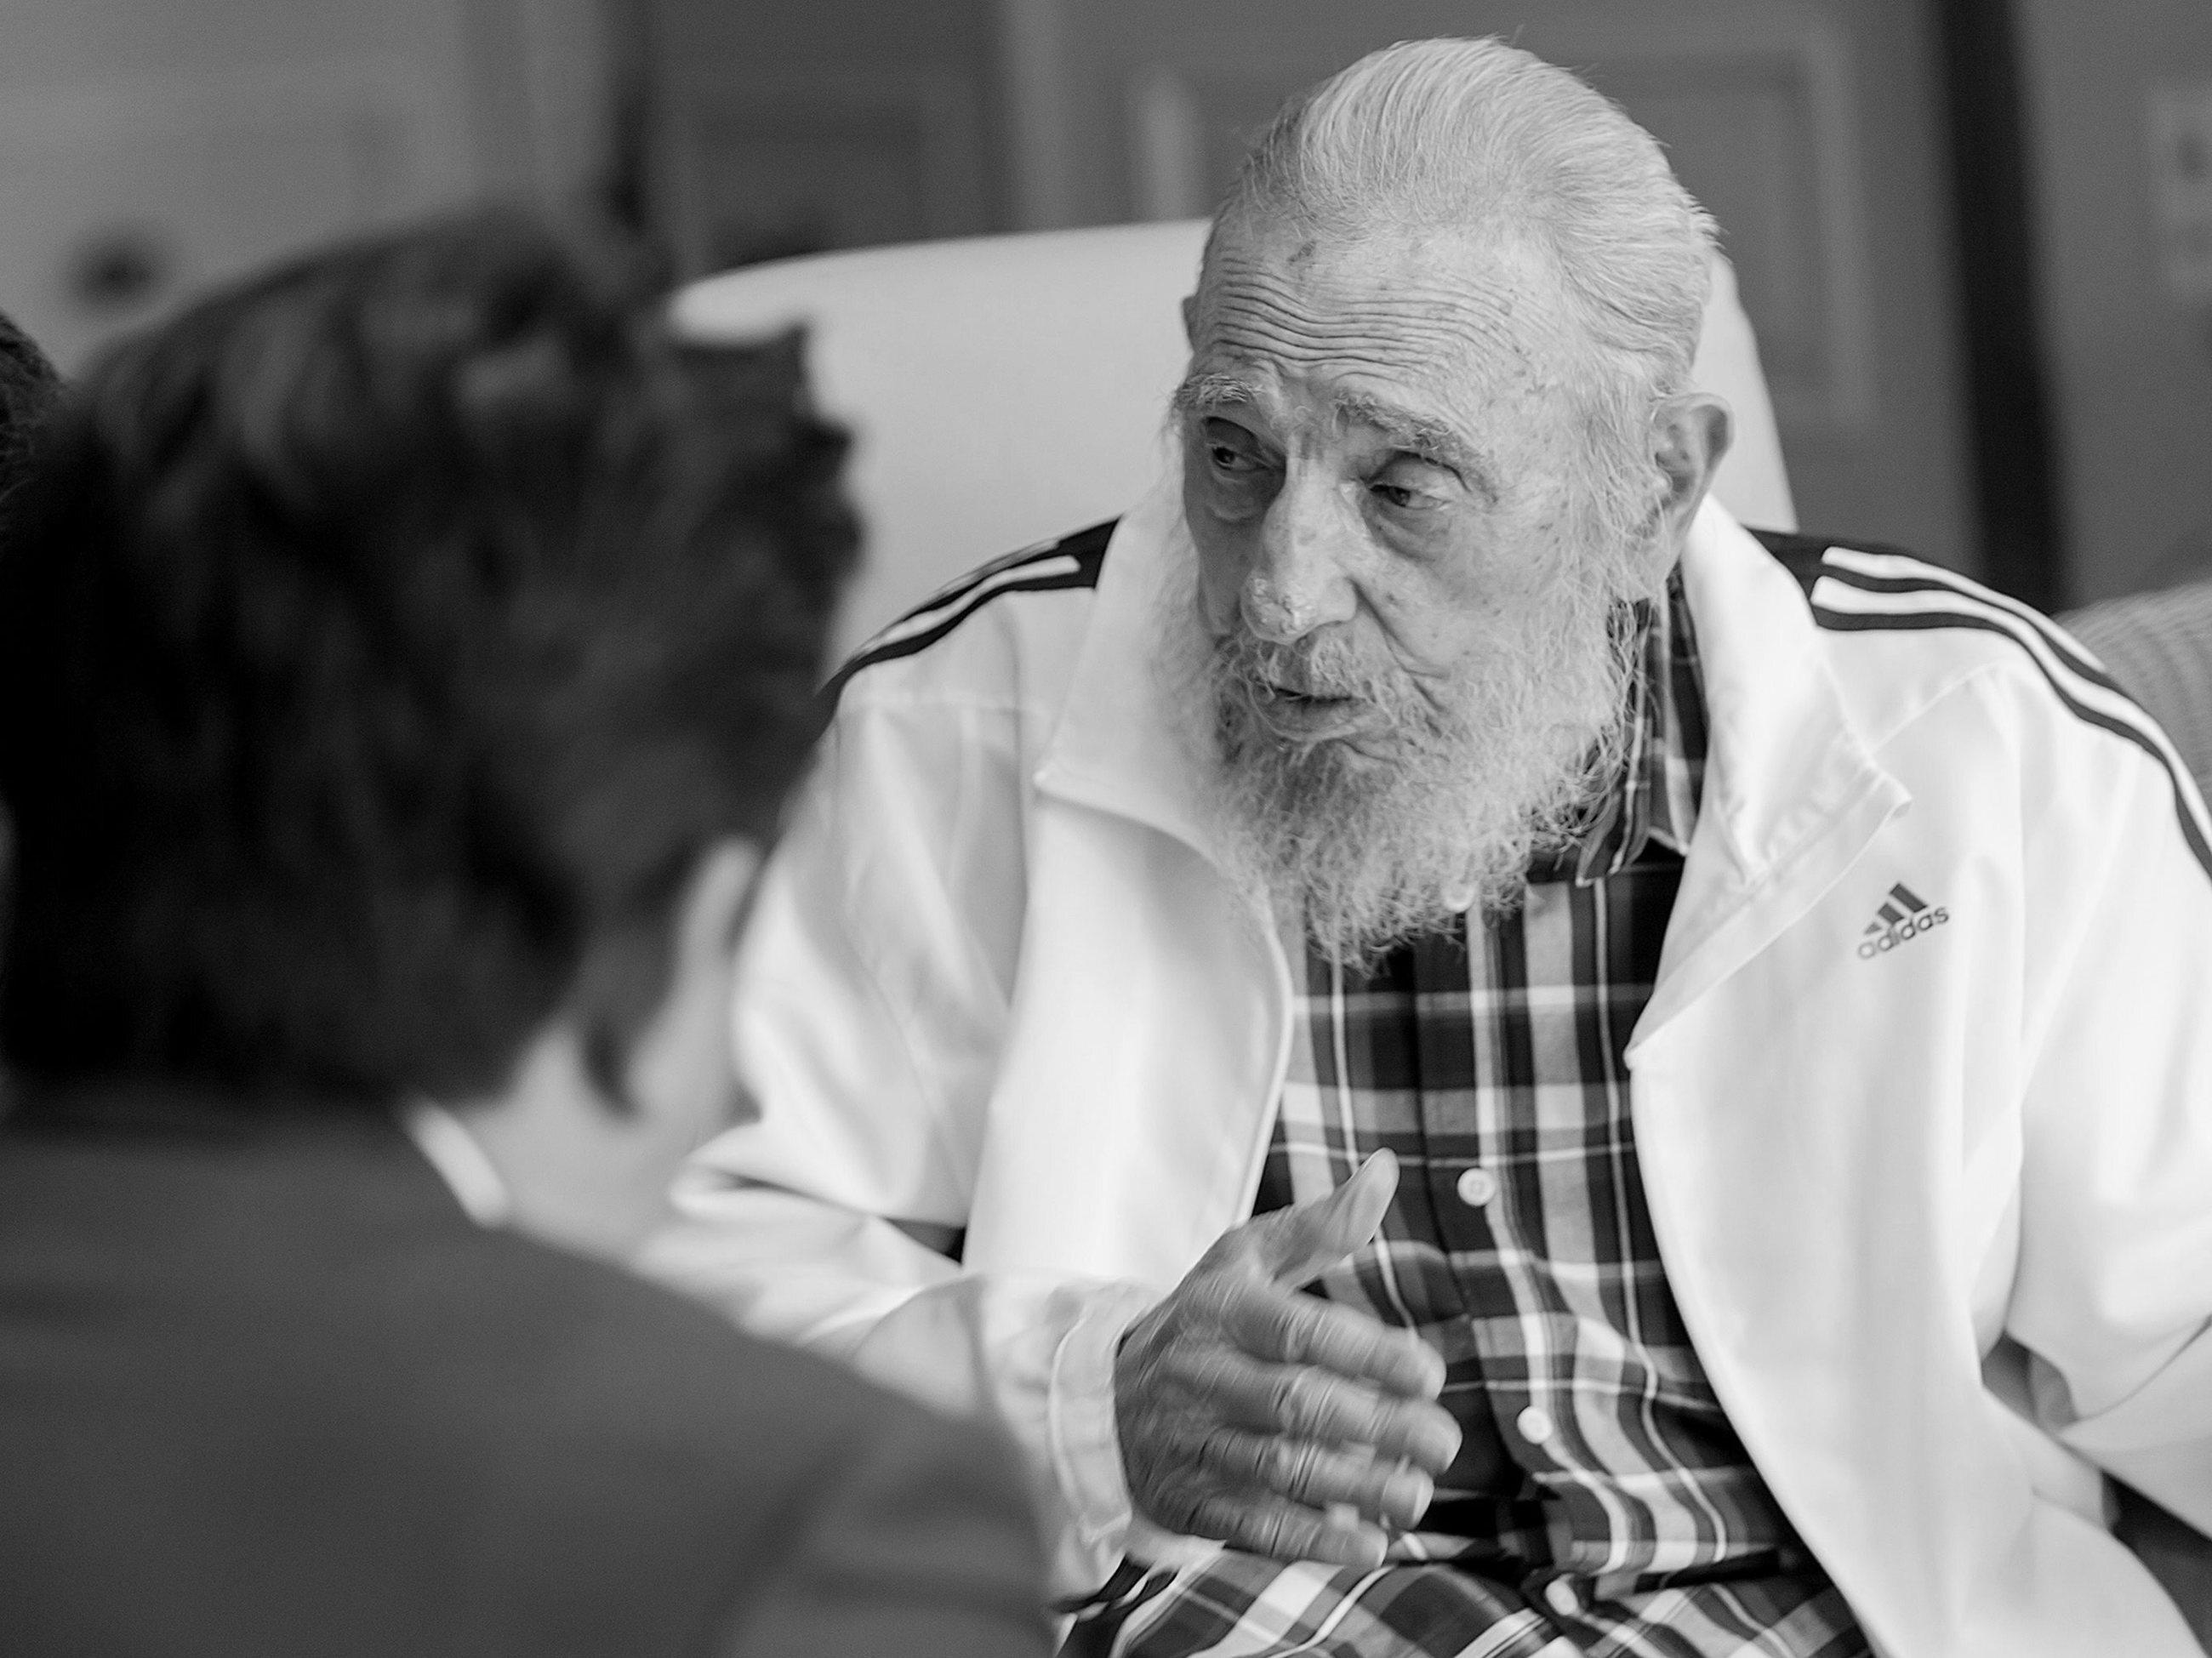 Fidel Castro – przywódca kubańskiej rewolucji komunistycznej. Rządził na Kubie do 2008 roku. Zmarł 25 listopada 2016 r.